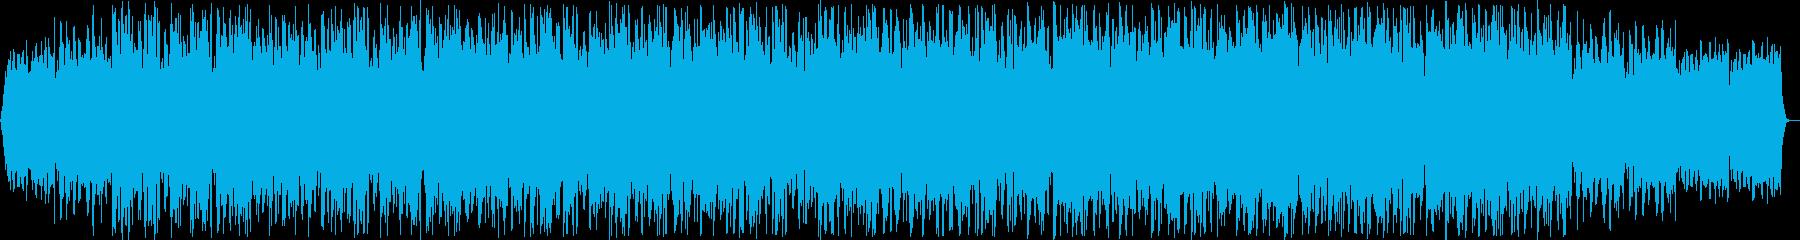 ピアノの躍動感を感じられる曲の再生済みの波形